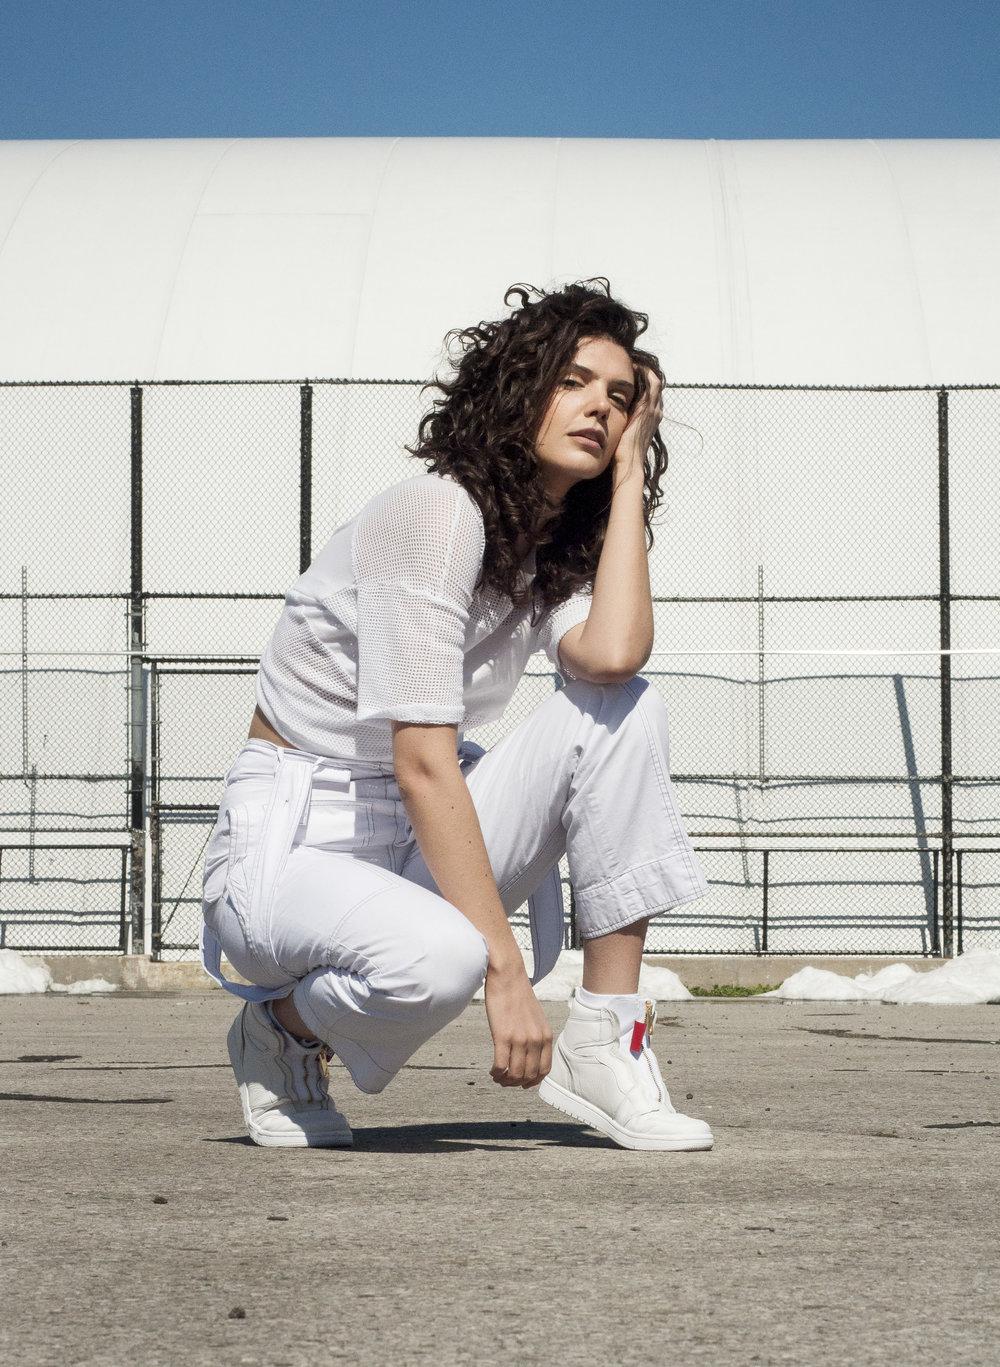 Brooklyn - EVAN GIIA